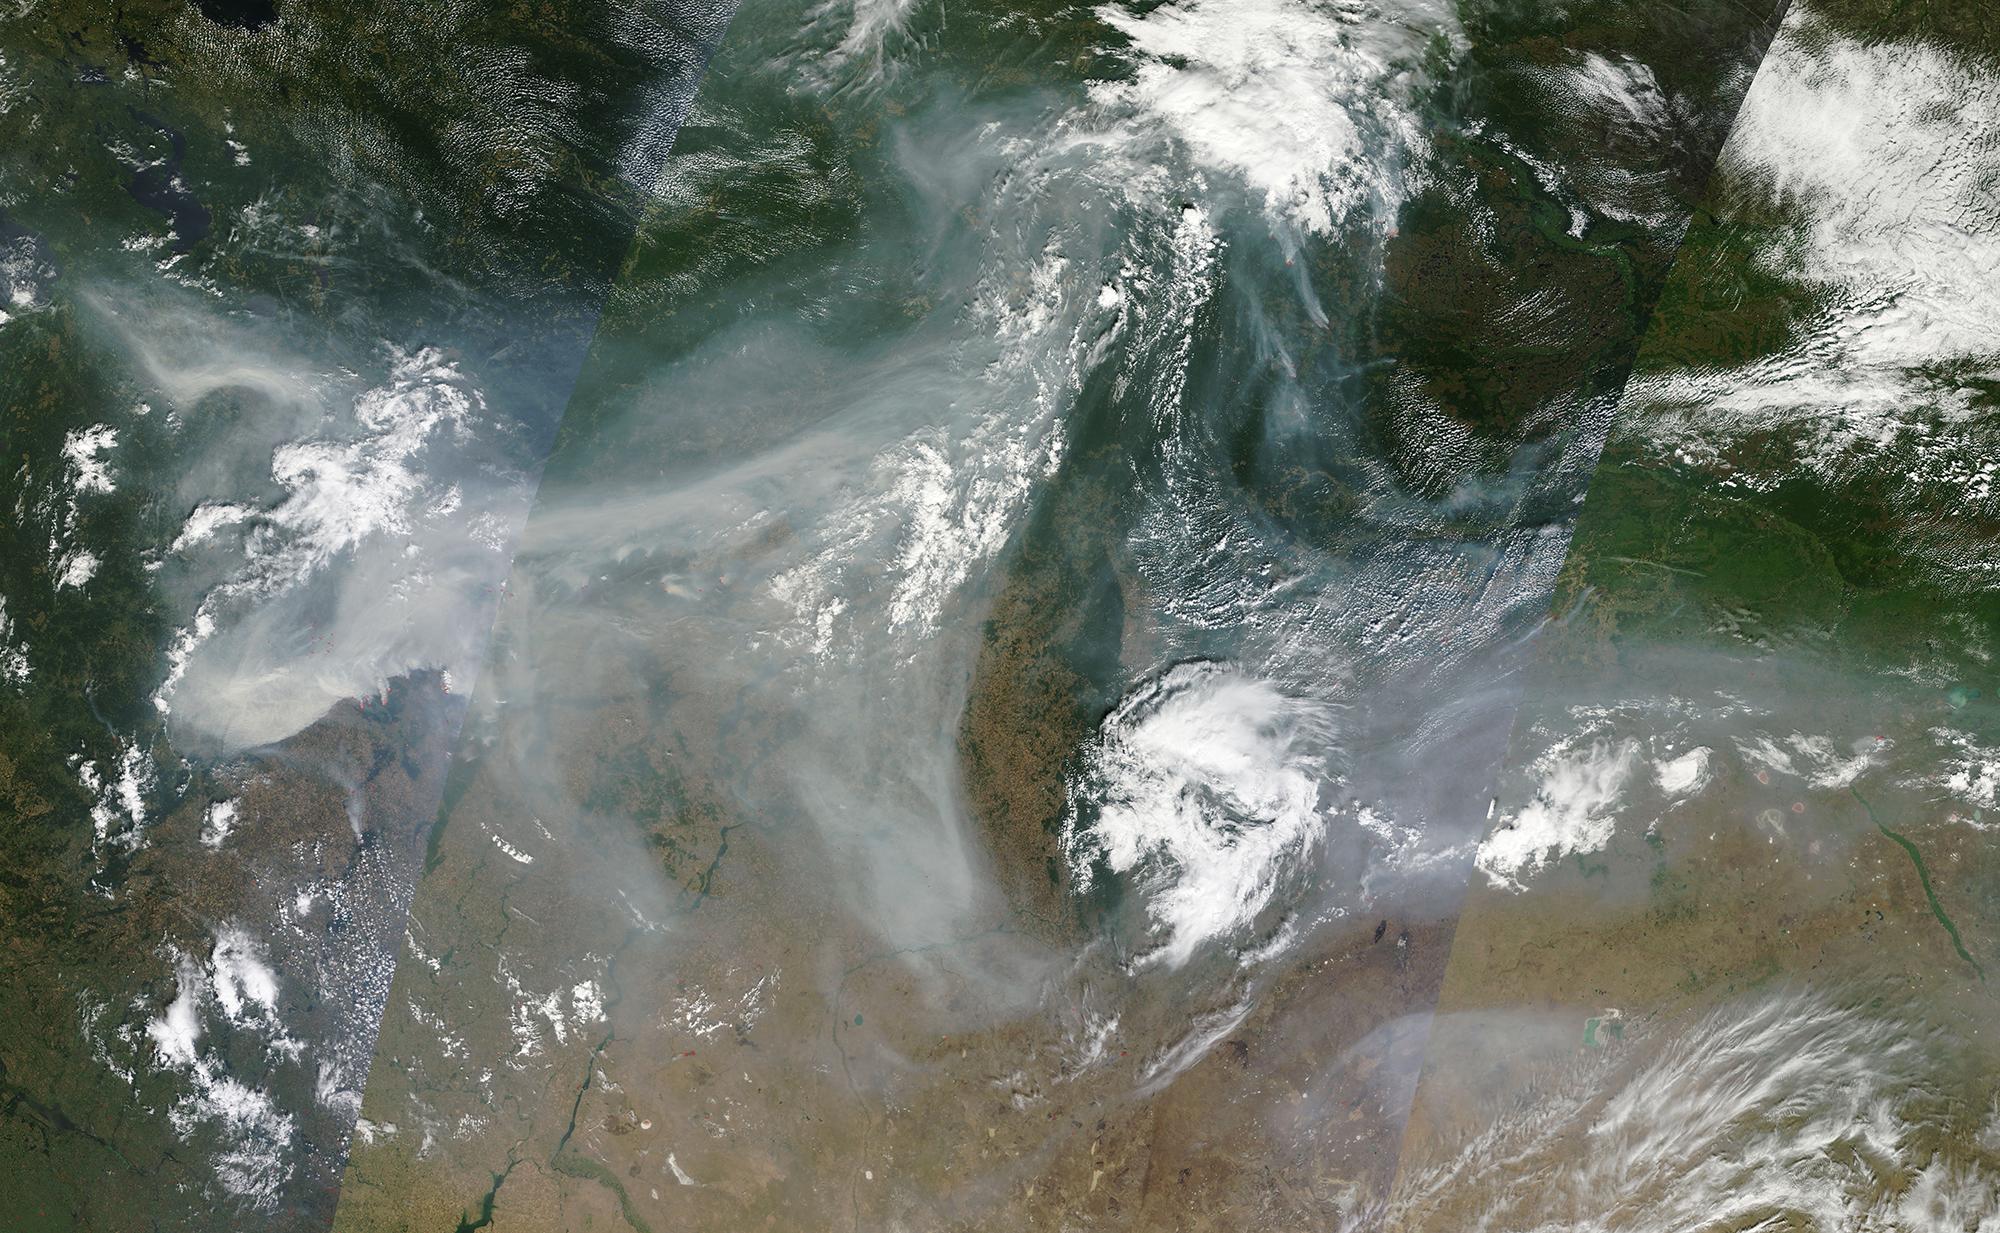 Сильные пожары на западе России. Изображение: NASA